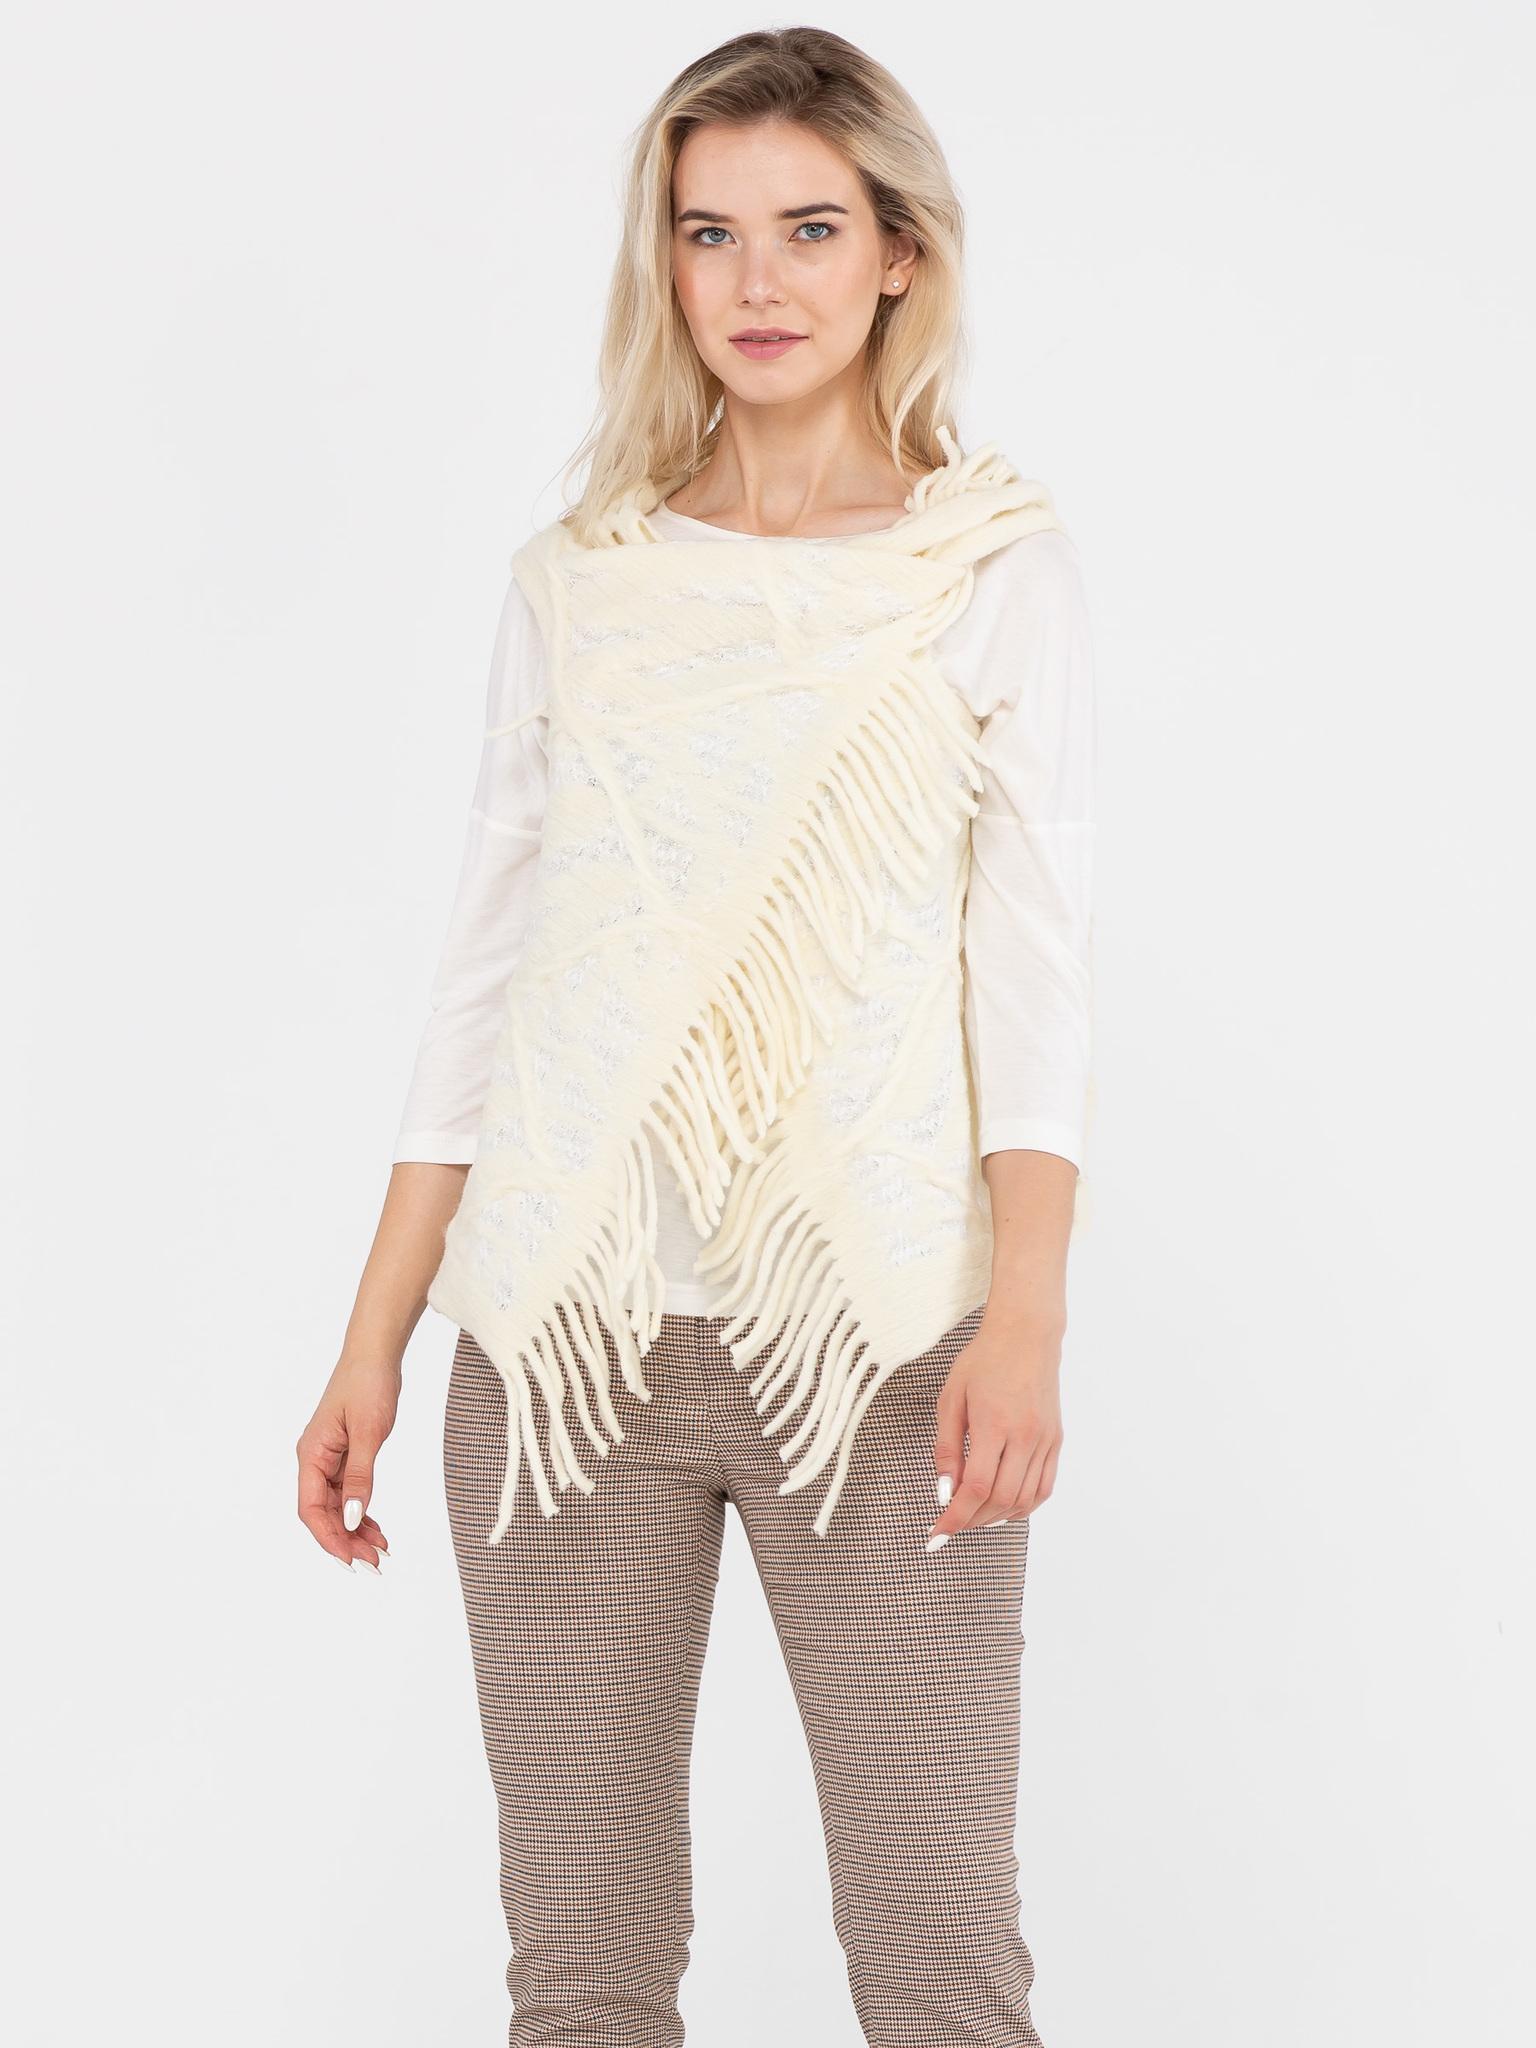 Жилет С044-625 - Изготовлен из фактурной ткани, имитирующей крупную вязку с отверстиями для рук. Универсальный жилет, предназначенный для ношения поверх платьев, блузок, джемперов, жакетов, и даже демисезонных пальто и курток. Универсальность жилета также заключается в том, что он подходит для женщин с 42-го по 48-ой размер, независимо от роста и типа фигуры. Жилет можно застегнуть на декоративную булавку или брошь, подпоясать ремнем\поясом. Также можно использовать завязки на концах жилета. Жилет можно использовать и как оригинальный шарф или снуд. Подобный аксессуар только украсит ваш образ.